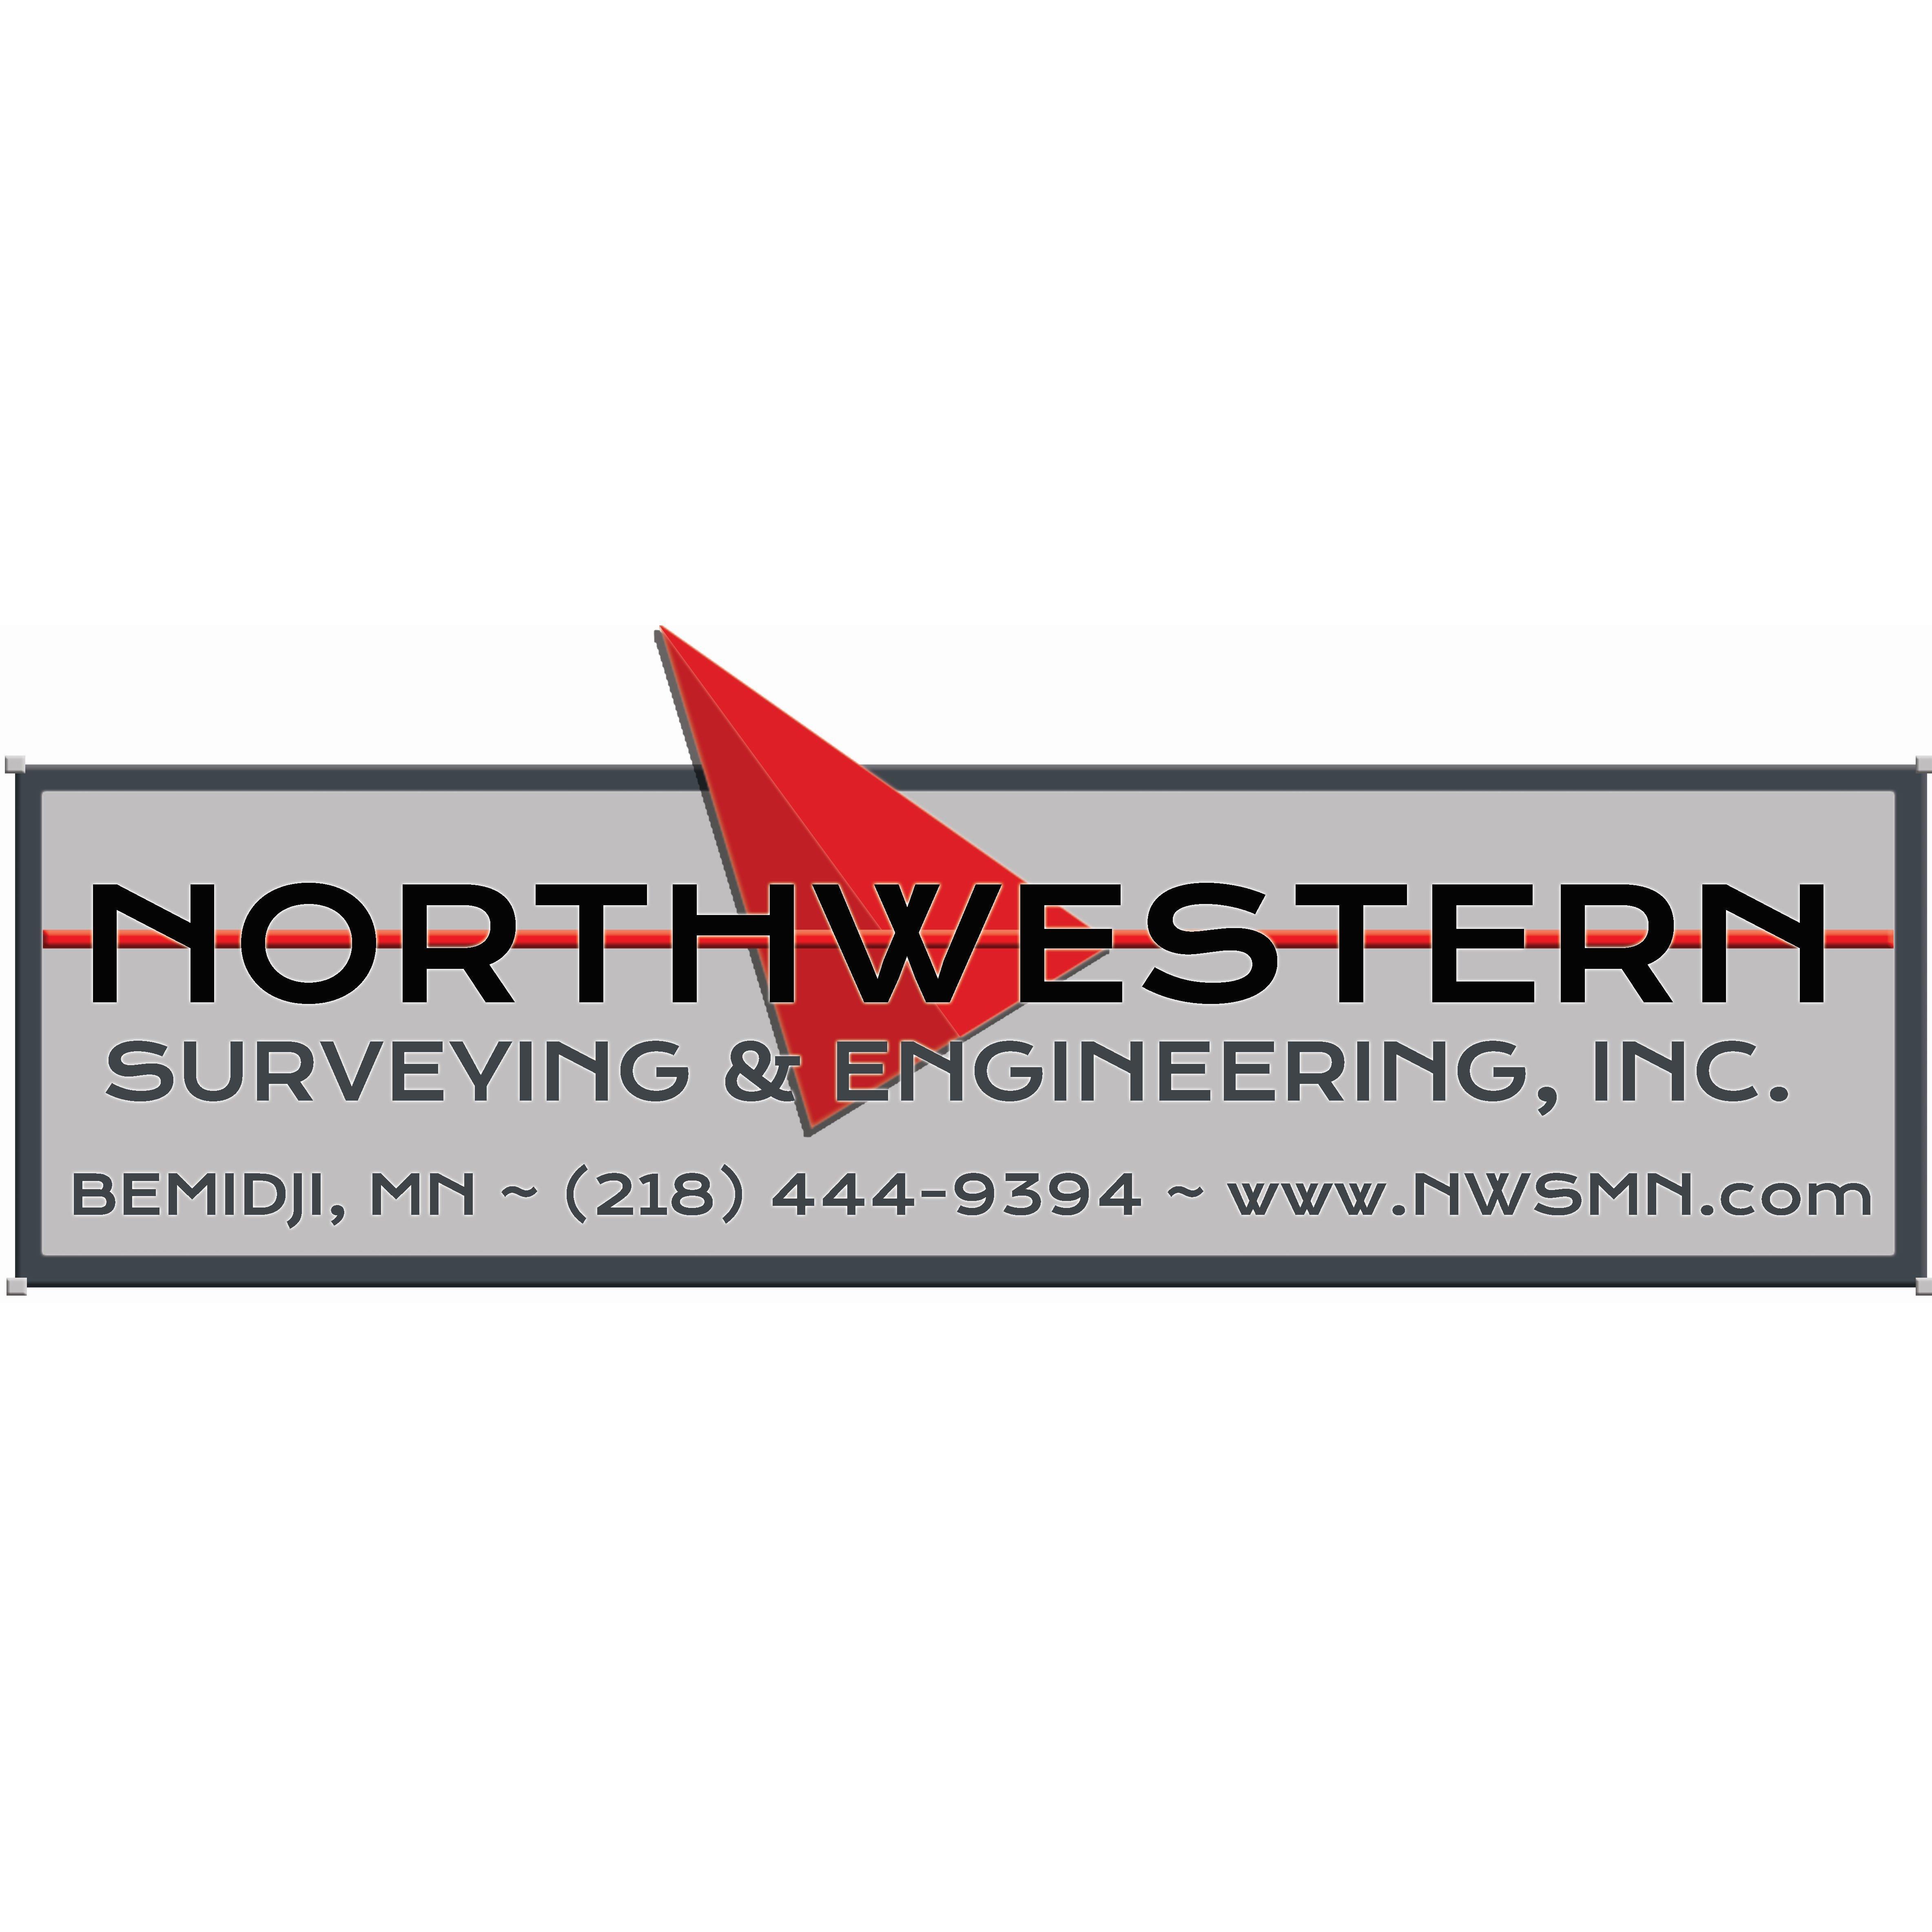 Northwestern Surveying and Engineering, Inc.